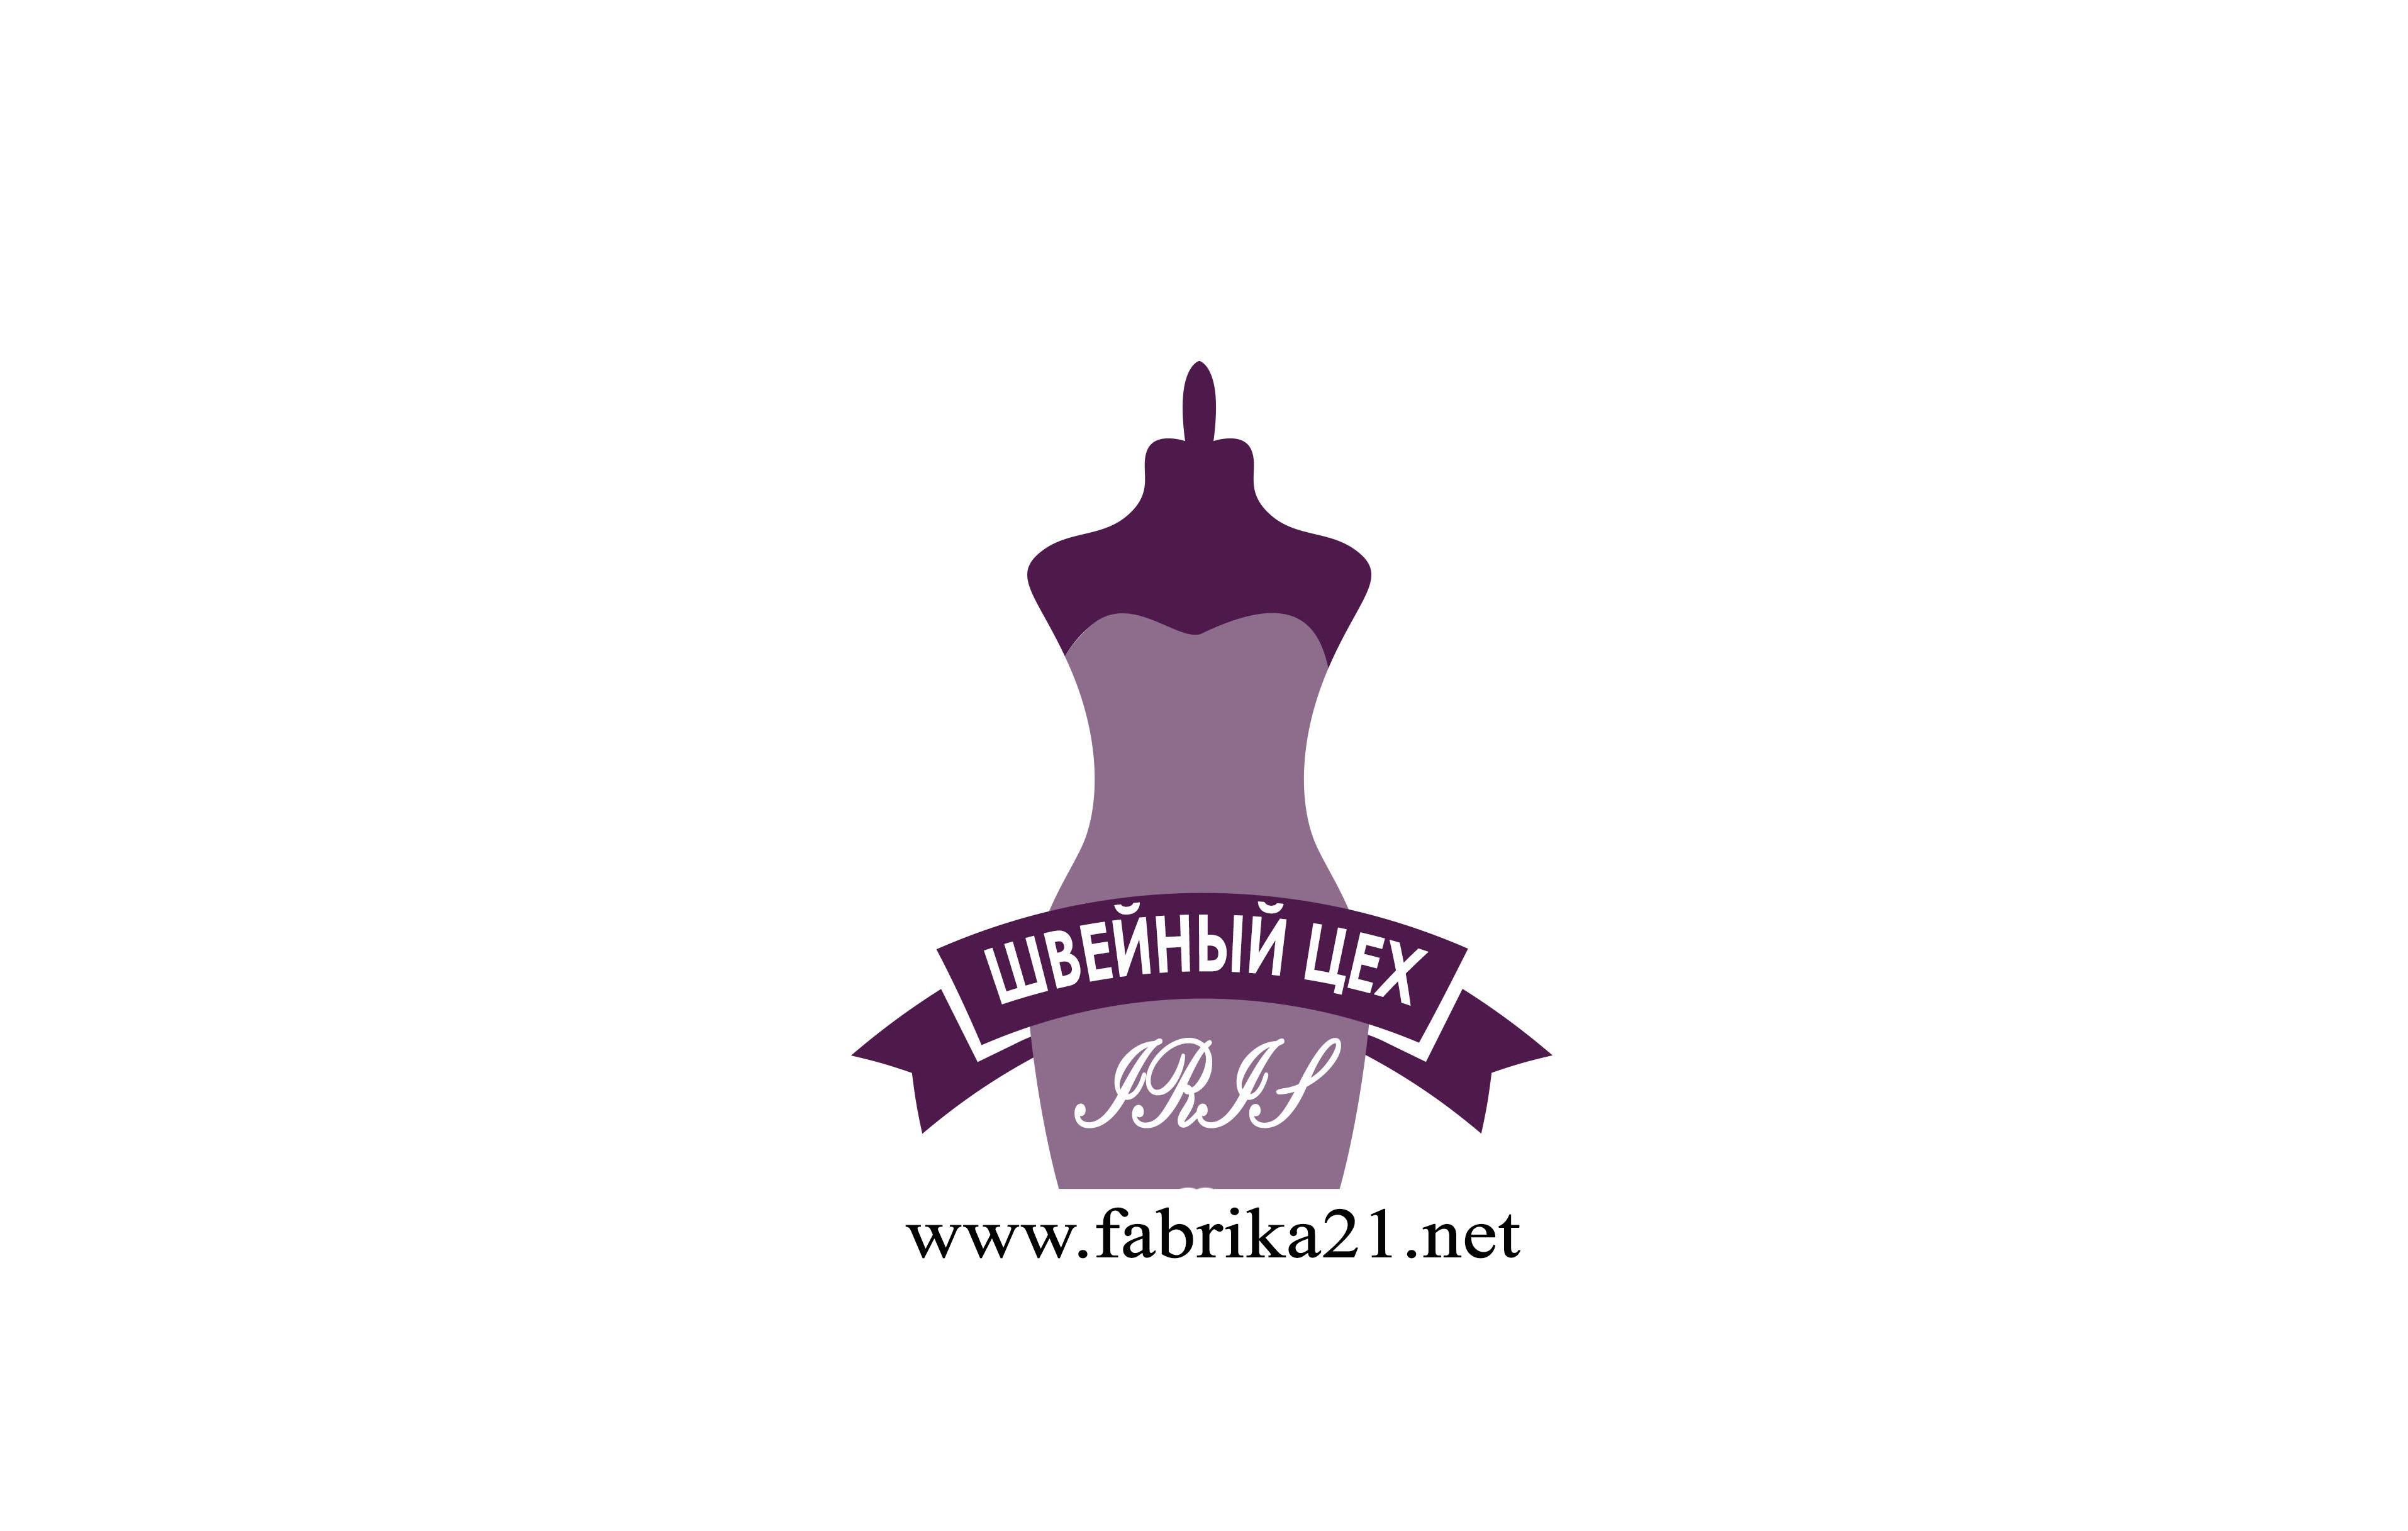 Швейное производство - пошив одежды оптом на заказ. Работаем по России